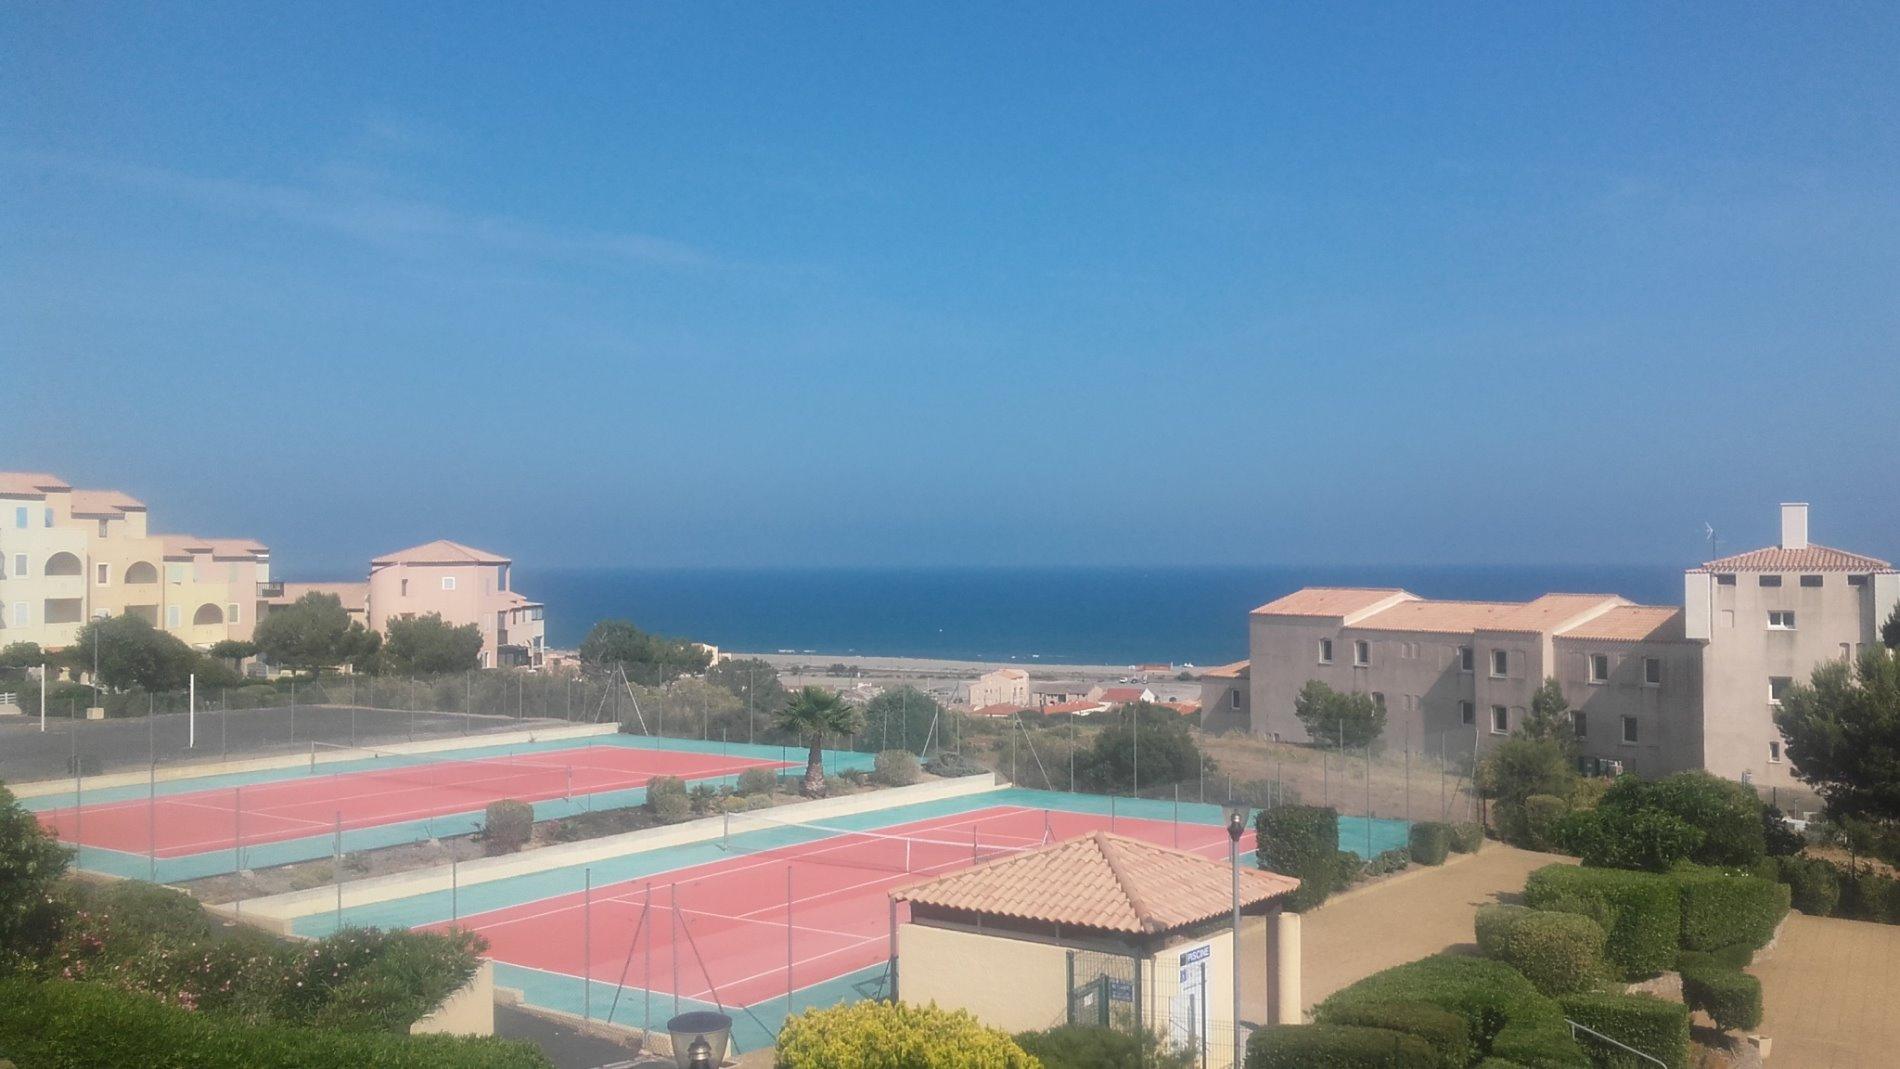 Location de vacances Appartement St pierre la mer (11560)